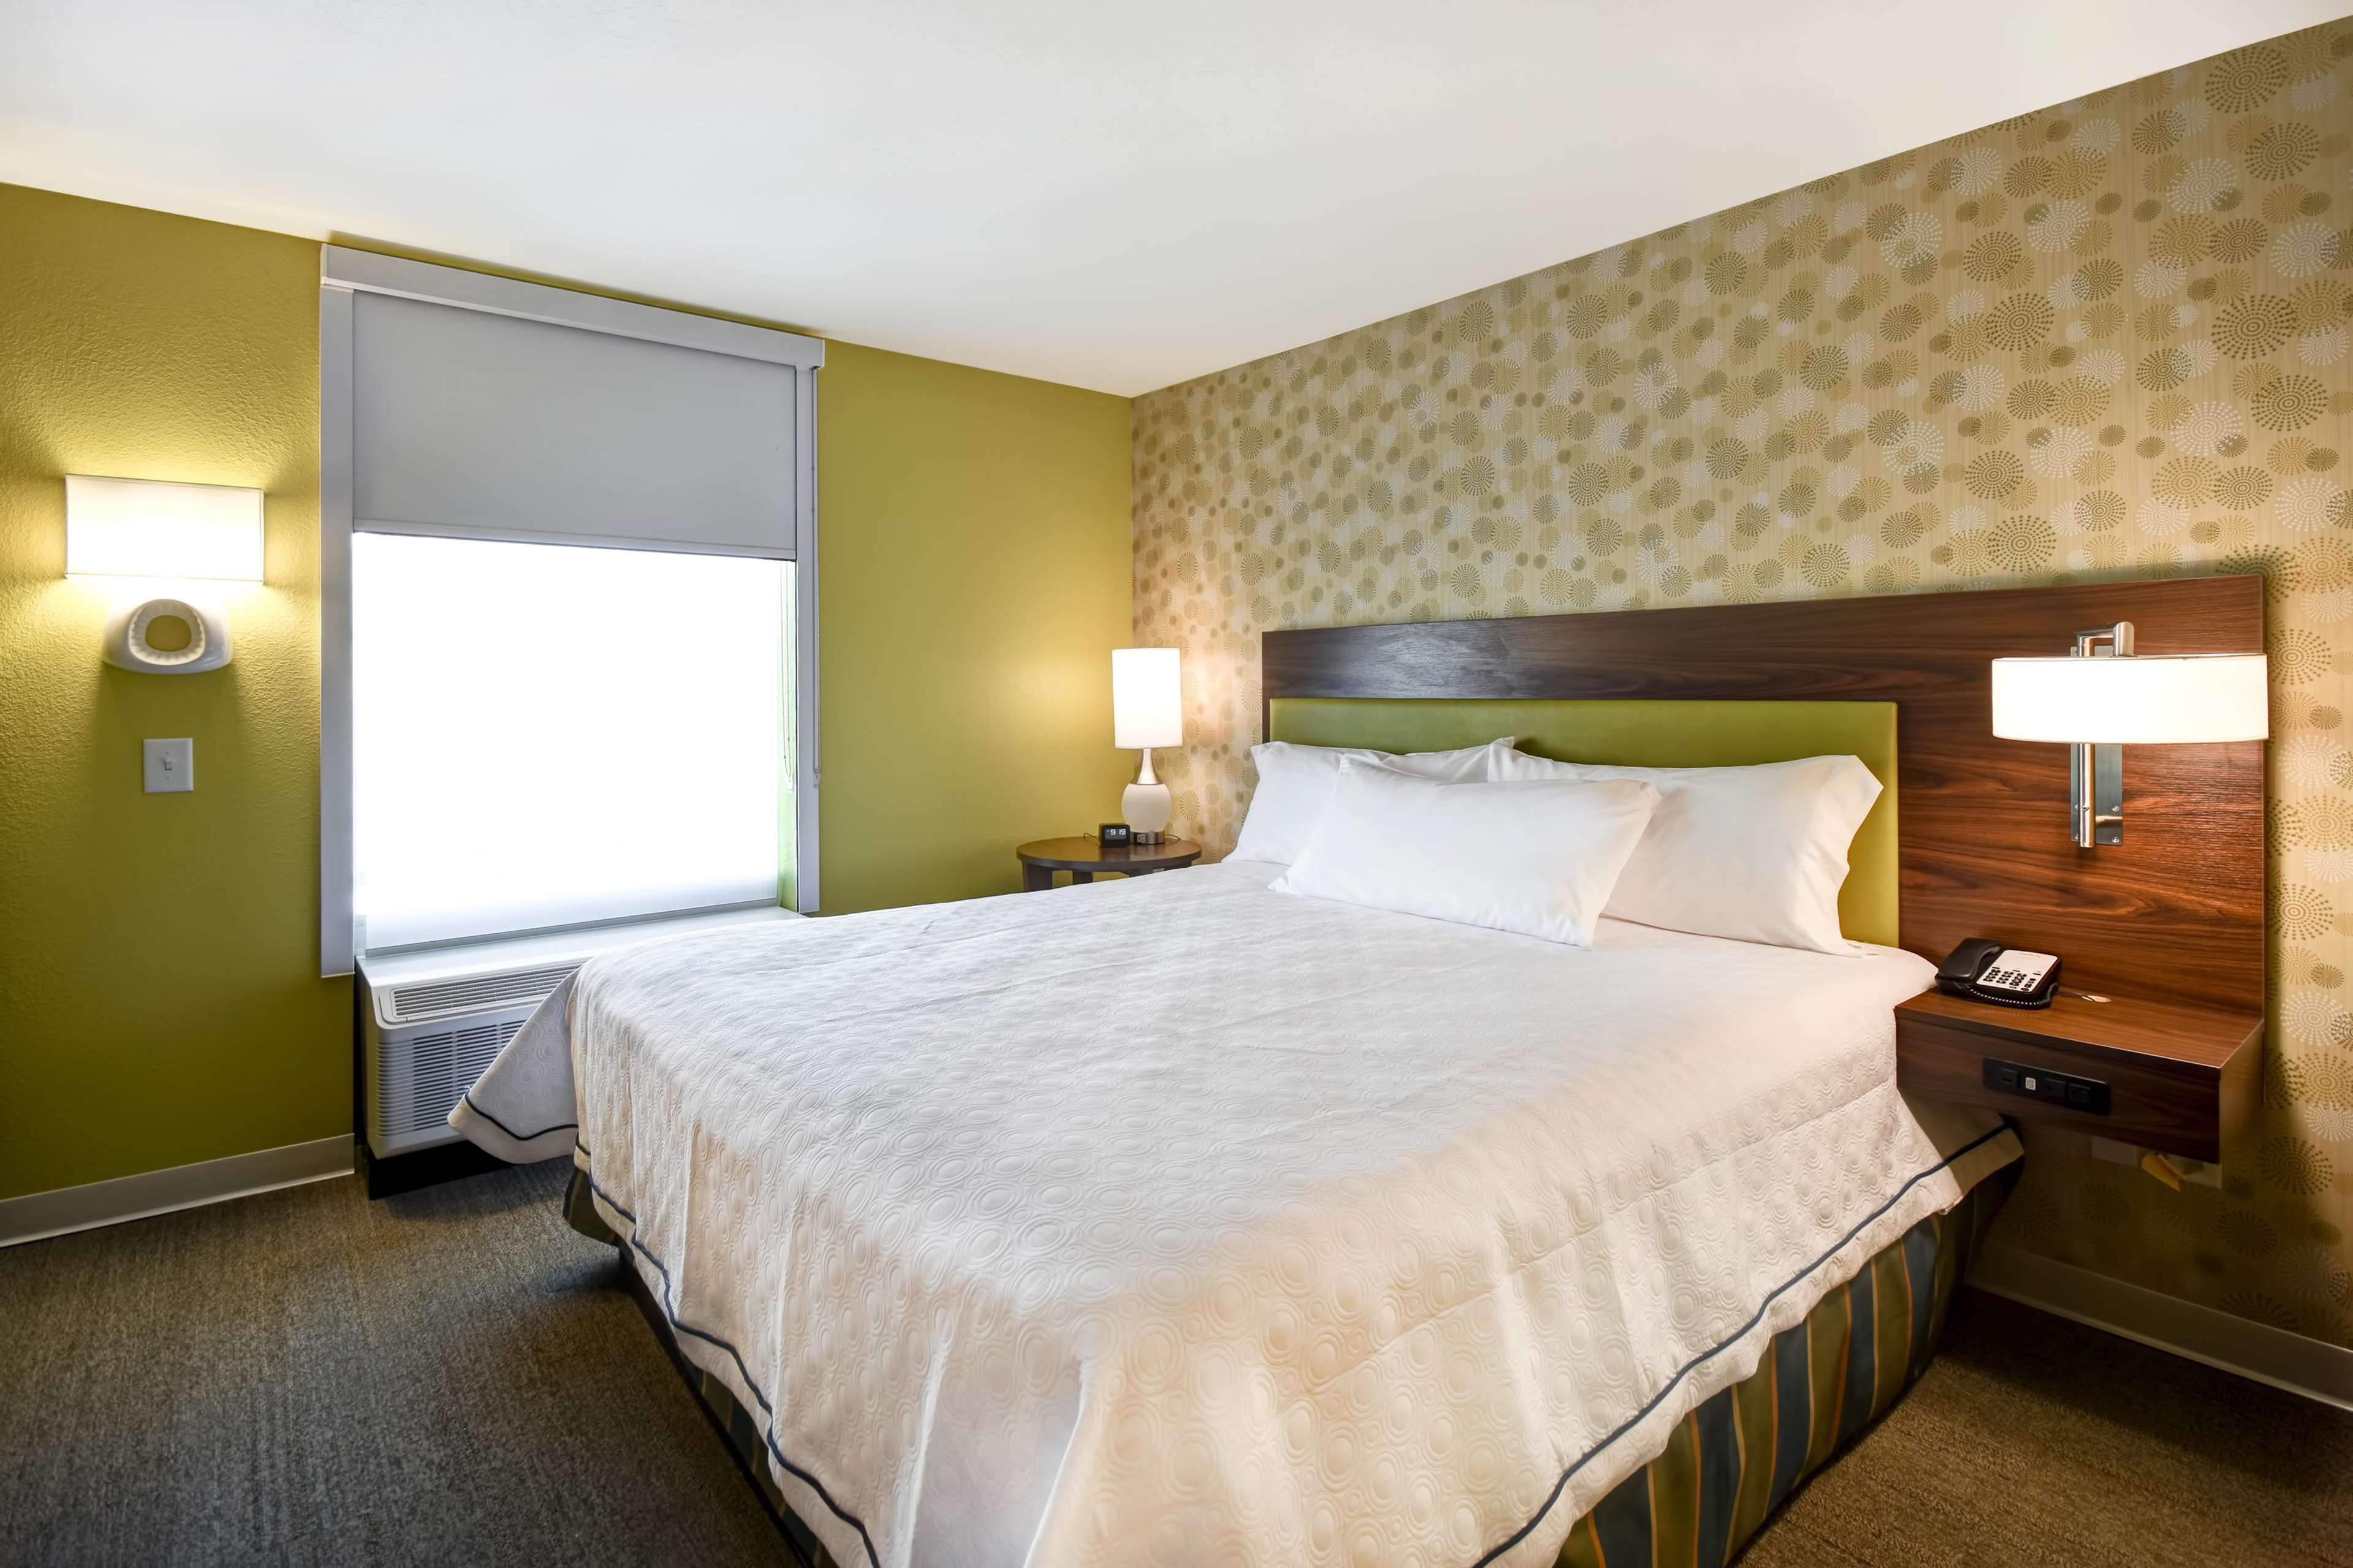 Home2 Suites by Hilton Smyrna Nashville image 42